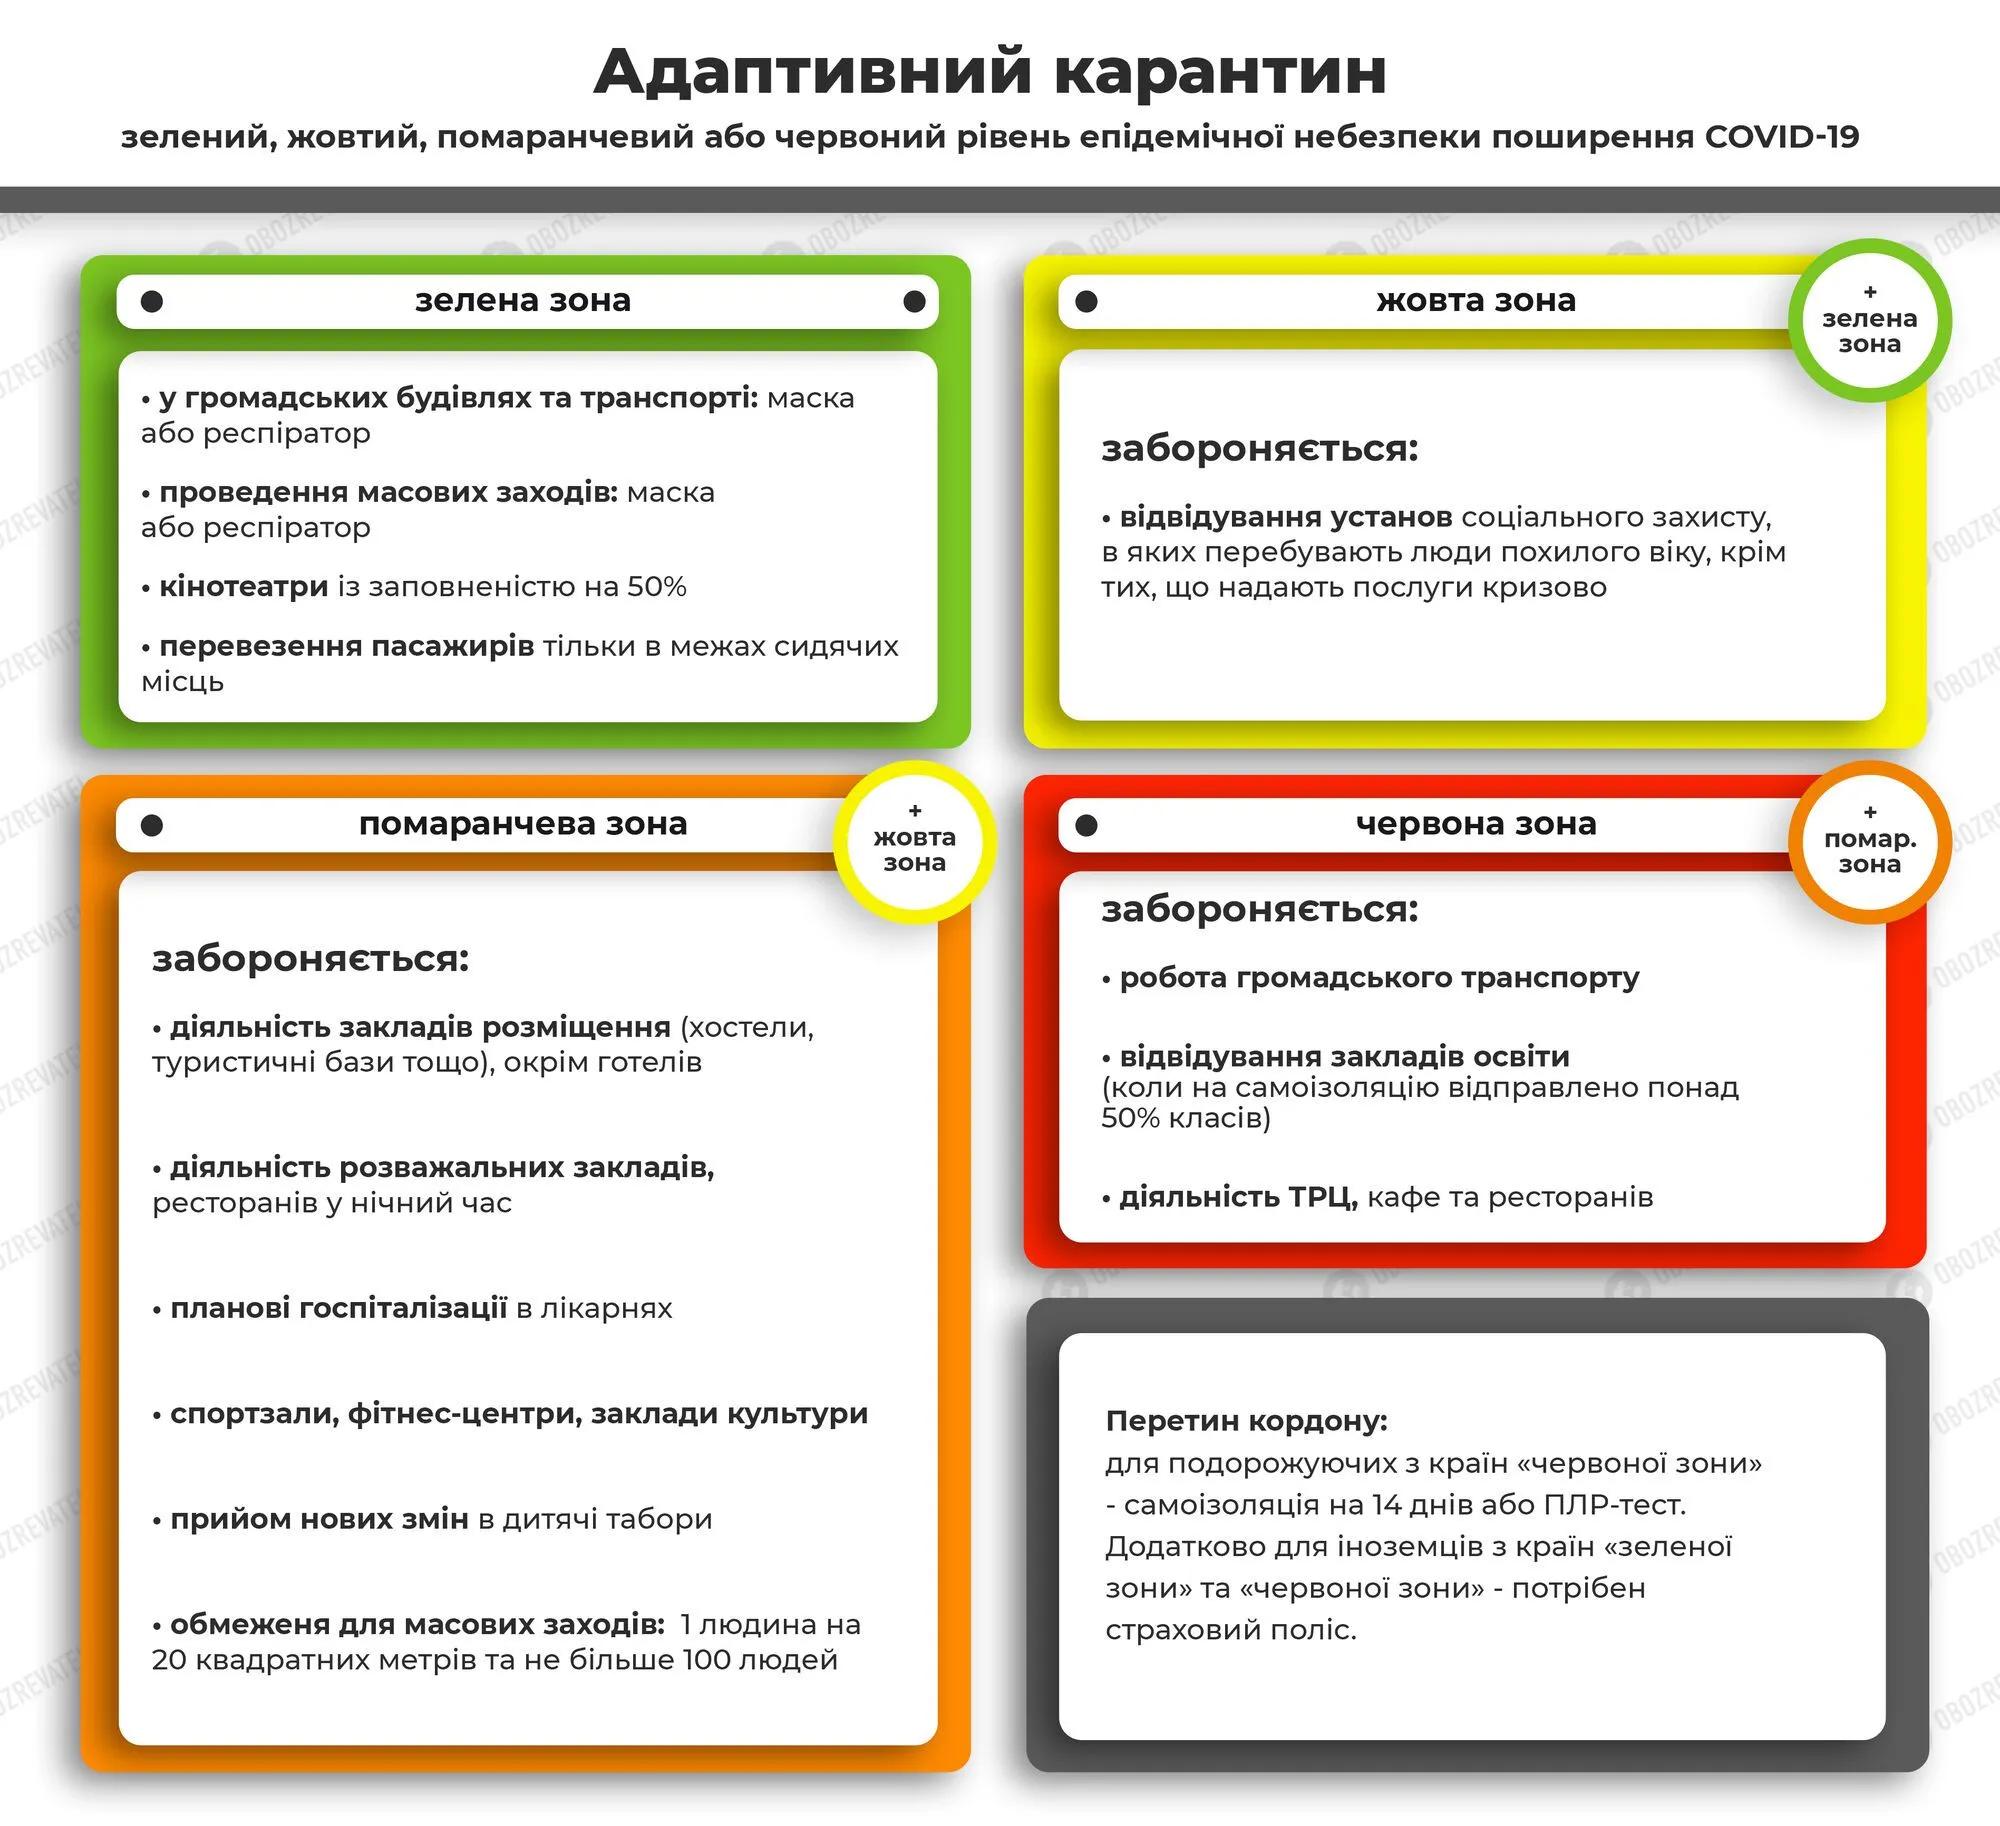 """Вся Україна перейшла в """"зелену"""" зону карантину"""